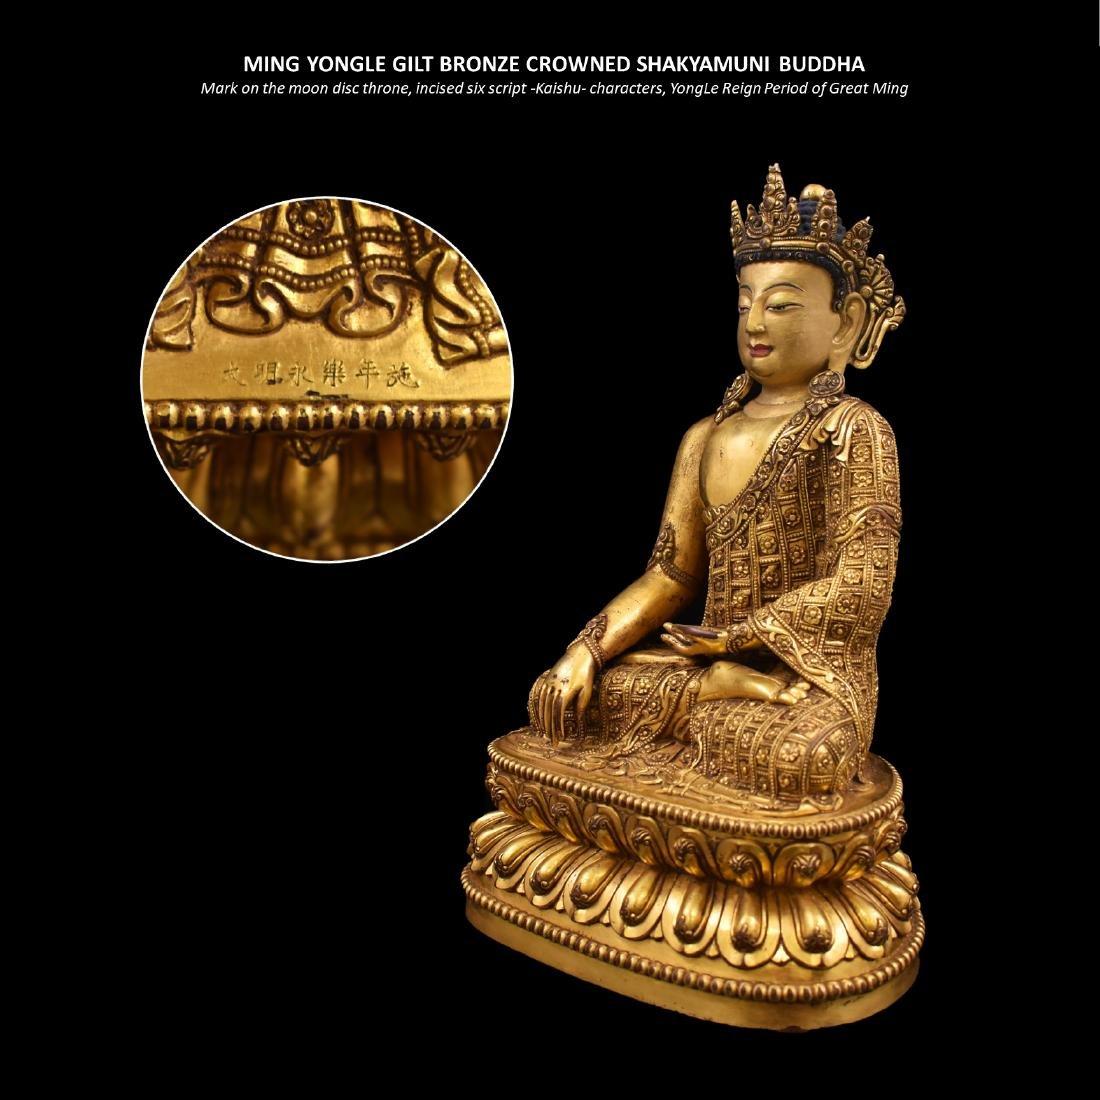 MING YONGLE GILT BRONZE CROWNED SHAKYAMUNI BUDDHA